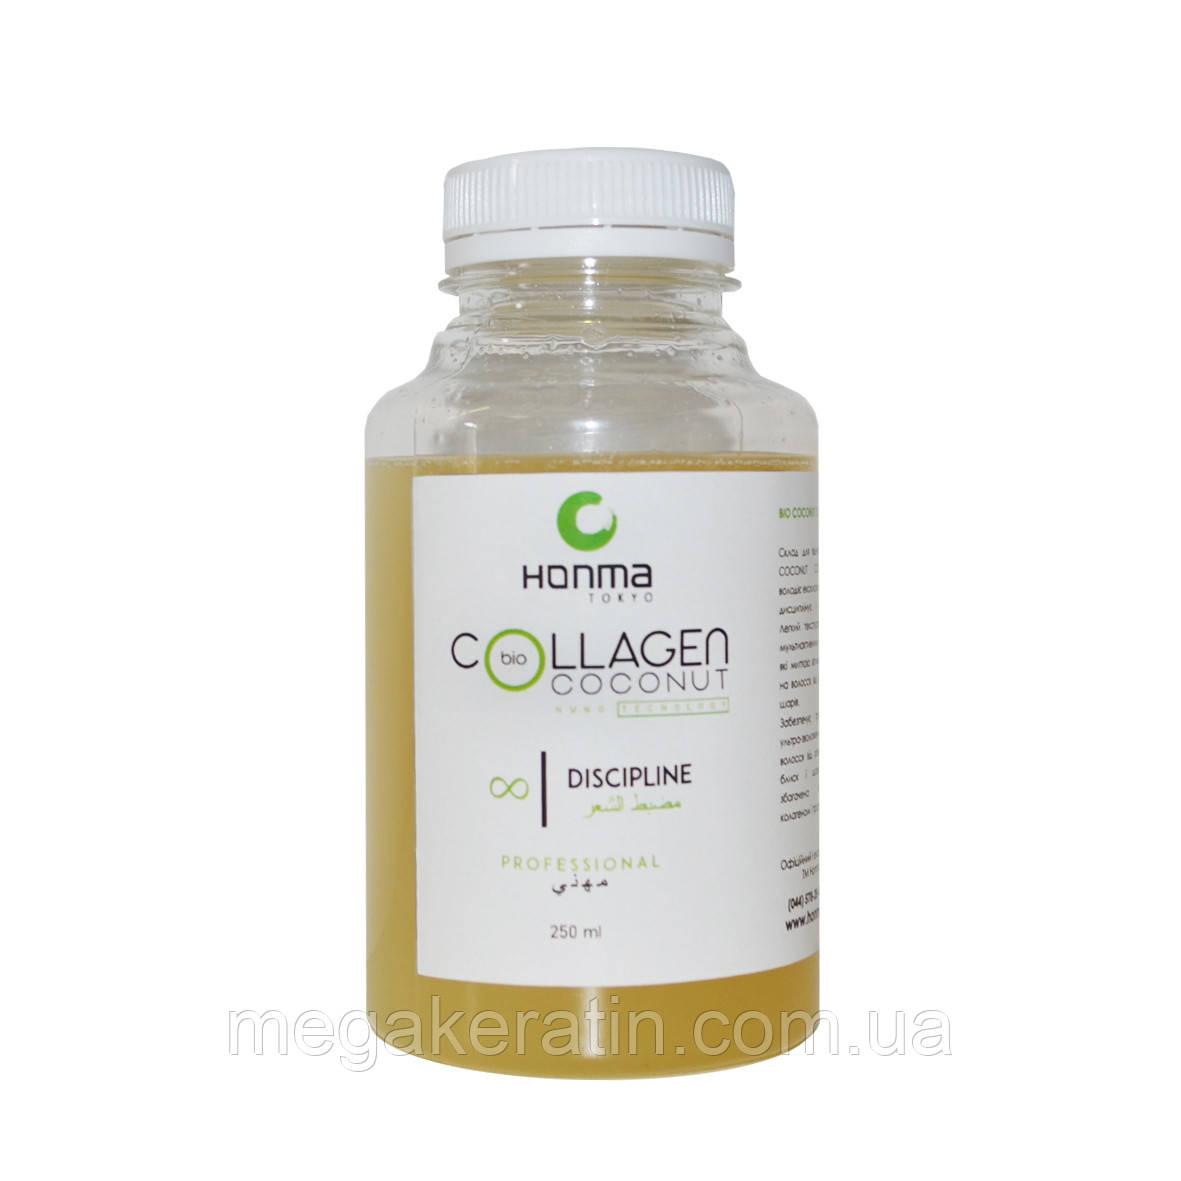 Нанопластика для волос с коллагеном Bio Coconut Collagen Discipline - 250 мл.